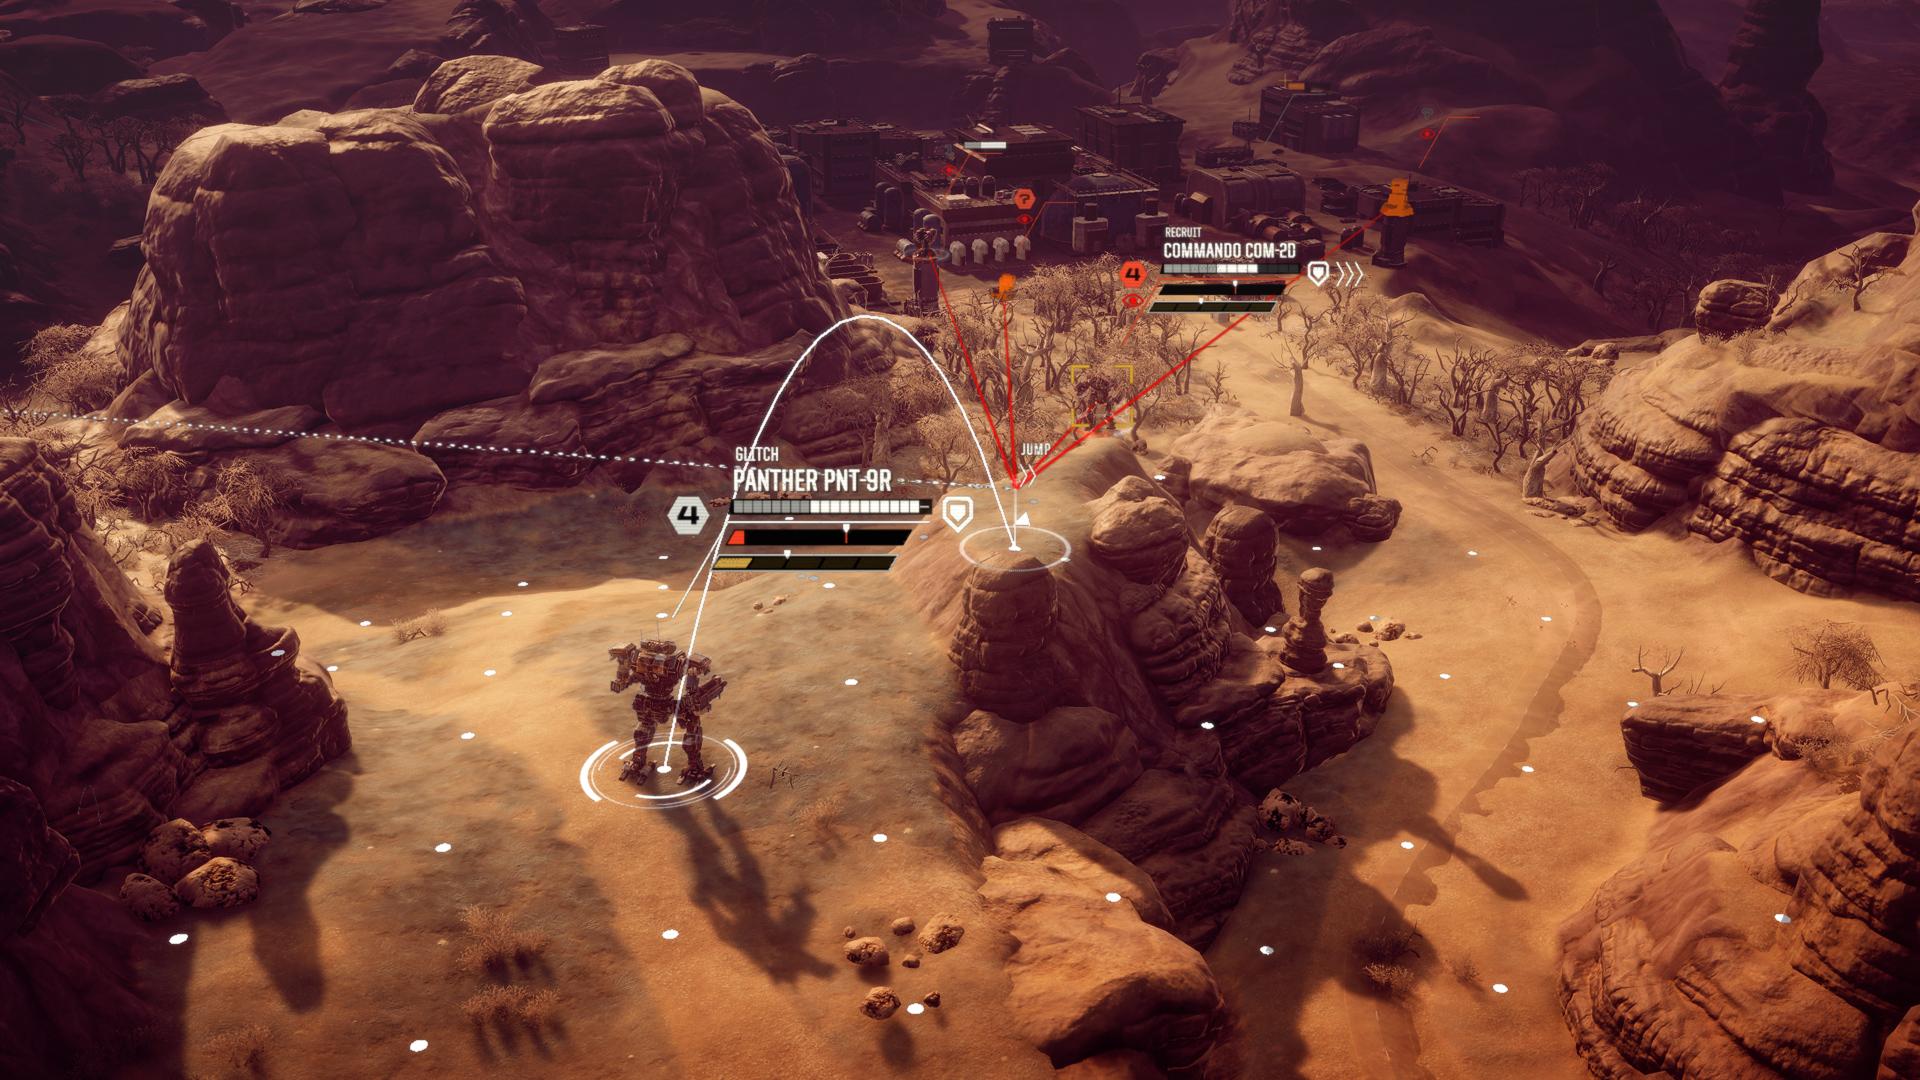 Prepara tus gigantes de acero porque Battletech ya tiene fecha de salida